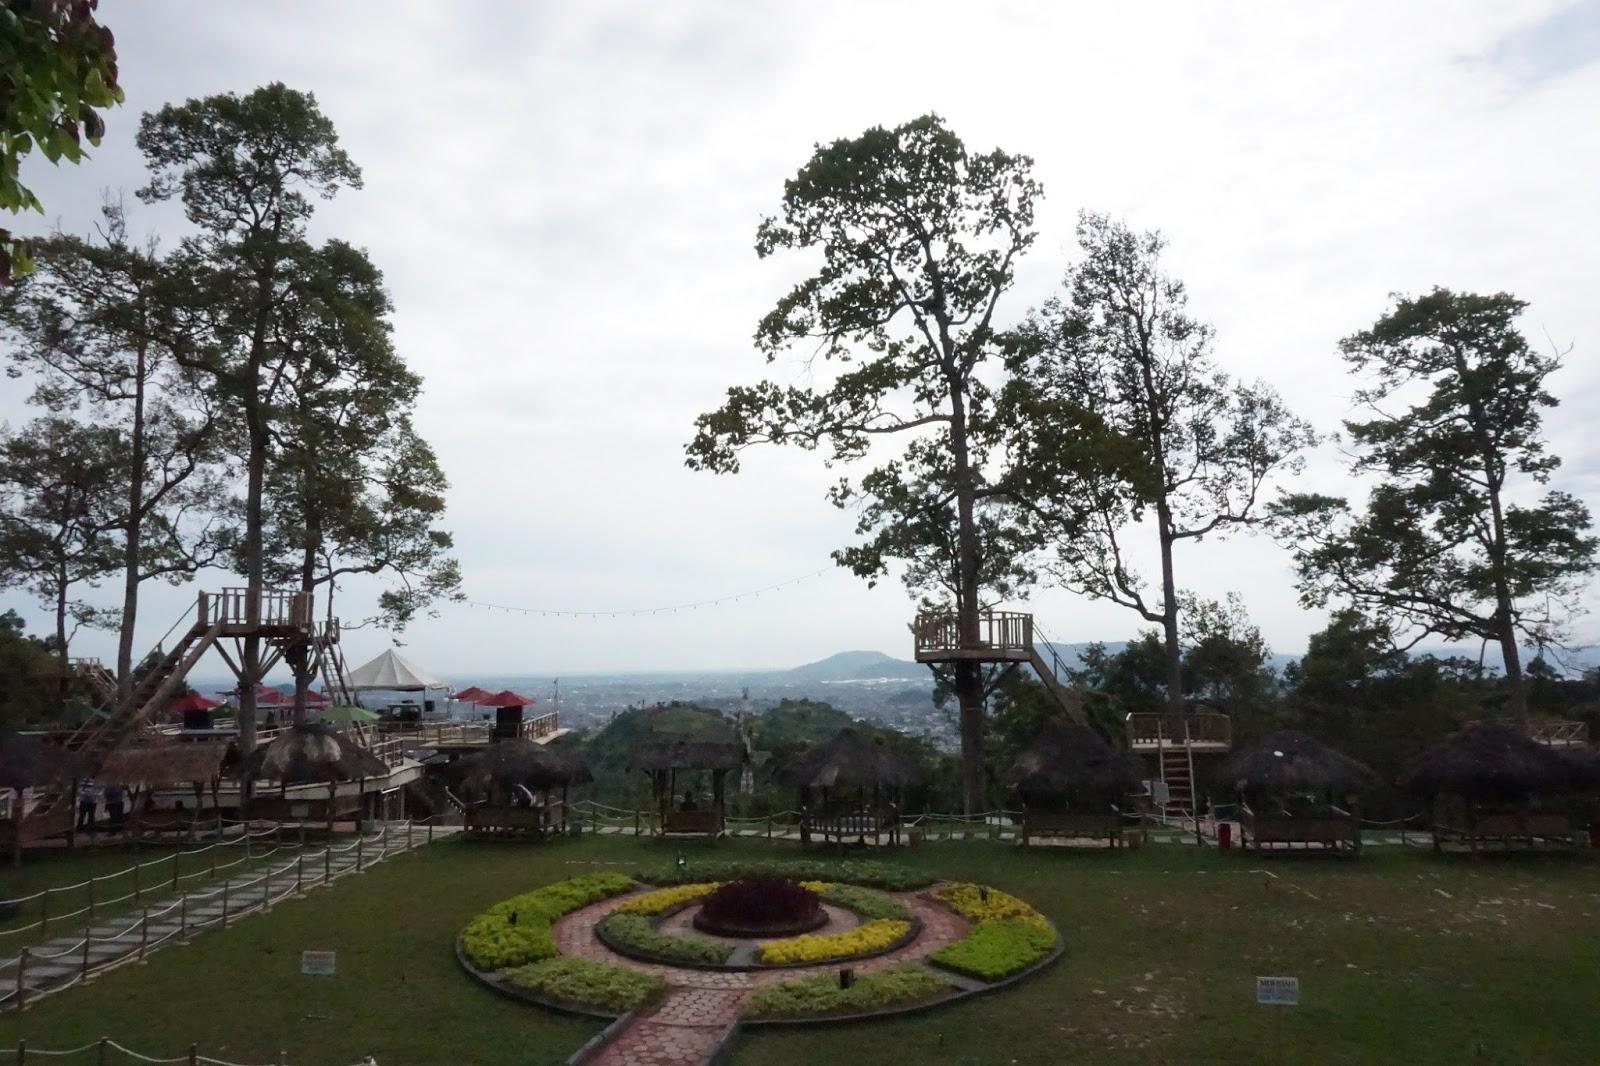 Menikmati Kota Bandarlampung Puncak Mas Lampungupdate Jadi Hits Kafe Terbuka